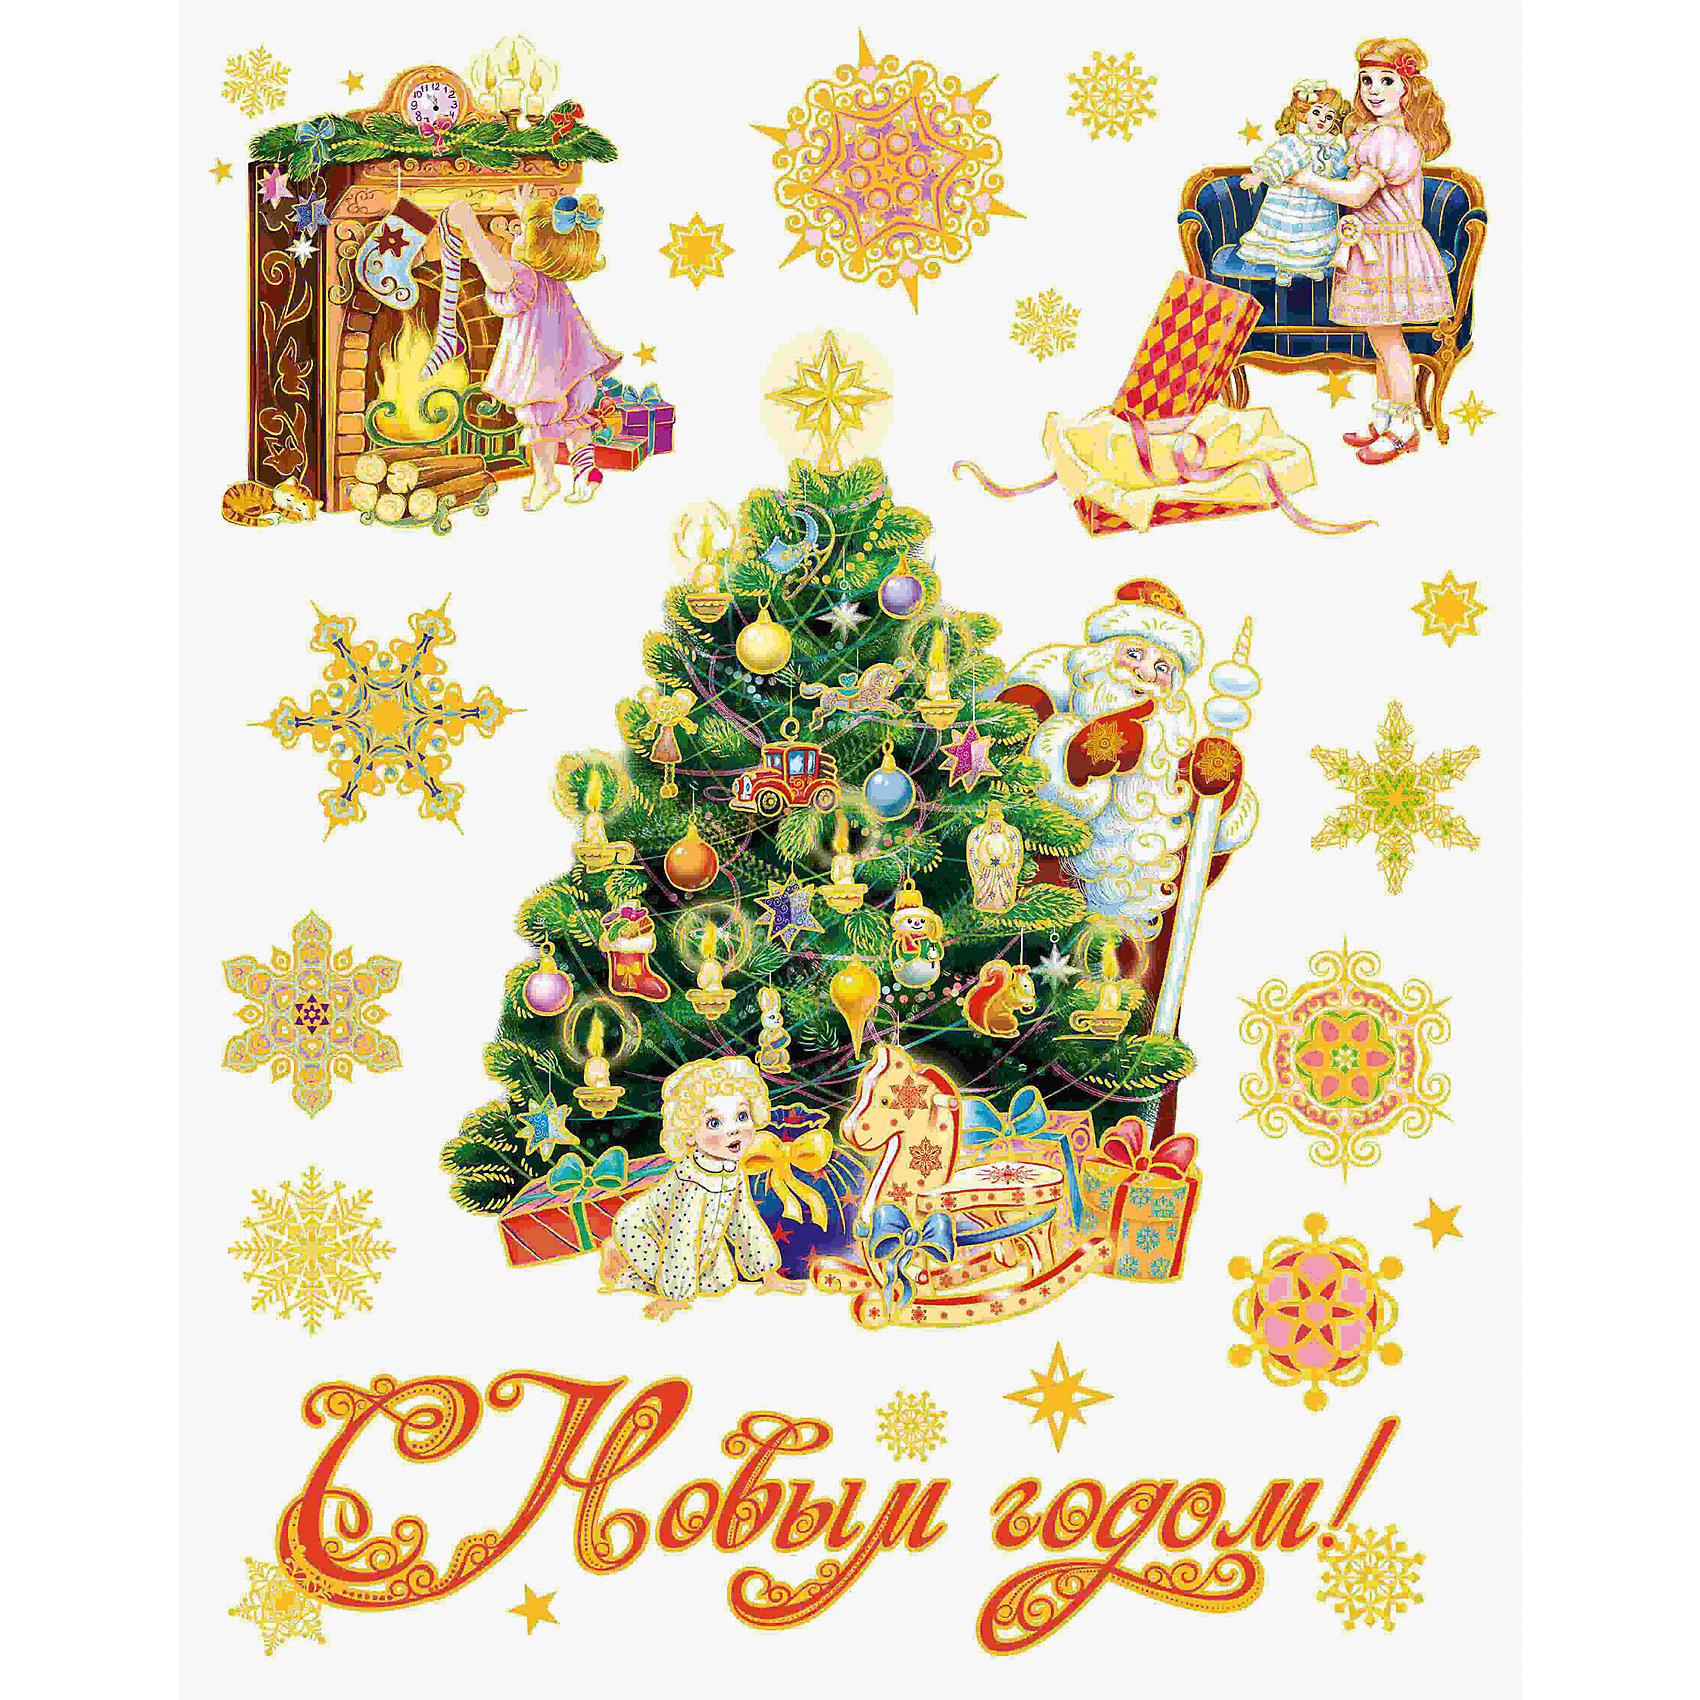 Новогодняя наклейка из ПВХ, 30х38см, Винтажный детский новый годВсё для праздника<br>Характеристики товара:<br><br>• крепится посредством статического эффекта<br>• размер: 30х38 см<br>• комплектация: 1 лист<br>• материал: ПВХ<br>• для украшения интерьера <br>• страна производства: Китай<br><br>Украшать окна к Новому году всей семьей - традиция во многих домах. Новогодний антураж трудно представить без снежинок или наклеек на окнах! Эта красивая наклейка будет отлично смотреться в окружении любой цветовой гаммы, она качественно выполнена и нарядно смотрится благодаря глиттеру. Крепится на окна с помощью статического эффекта и не оставляет следов! С помощью такой наклейки можно оригинально декорировать квартиру к празднику.<br>Такие небольшие детали и создают праздник! От них во многом зависит хорошее новогоднее настроение. Изделие производится из качественных сертифицированных материалов, безопасных даже для самых маленьких.<br><br>Новогоднюю наклейку из ПВХ, 30х38см, Винтажный детский новый год можно купить в нашем интернет-магазине.<br><br>Ширина мм: 420<br>Глубина мм: 300<br>Высота мм: 2<br>Вес г: 30<br>Возраст от месяцев: 72<br>Возраст до месяцев: 480<br>Пол: Унисекс<br>Возраст: Детский<br>SKU: 5051680